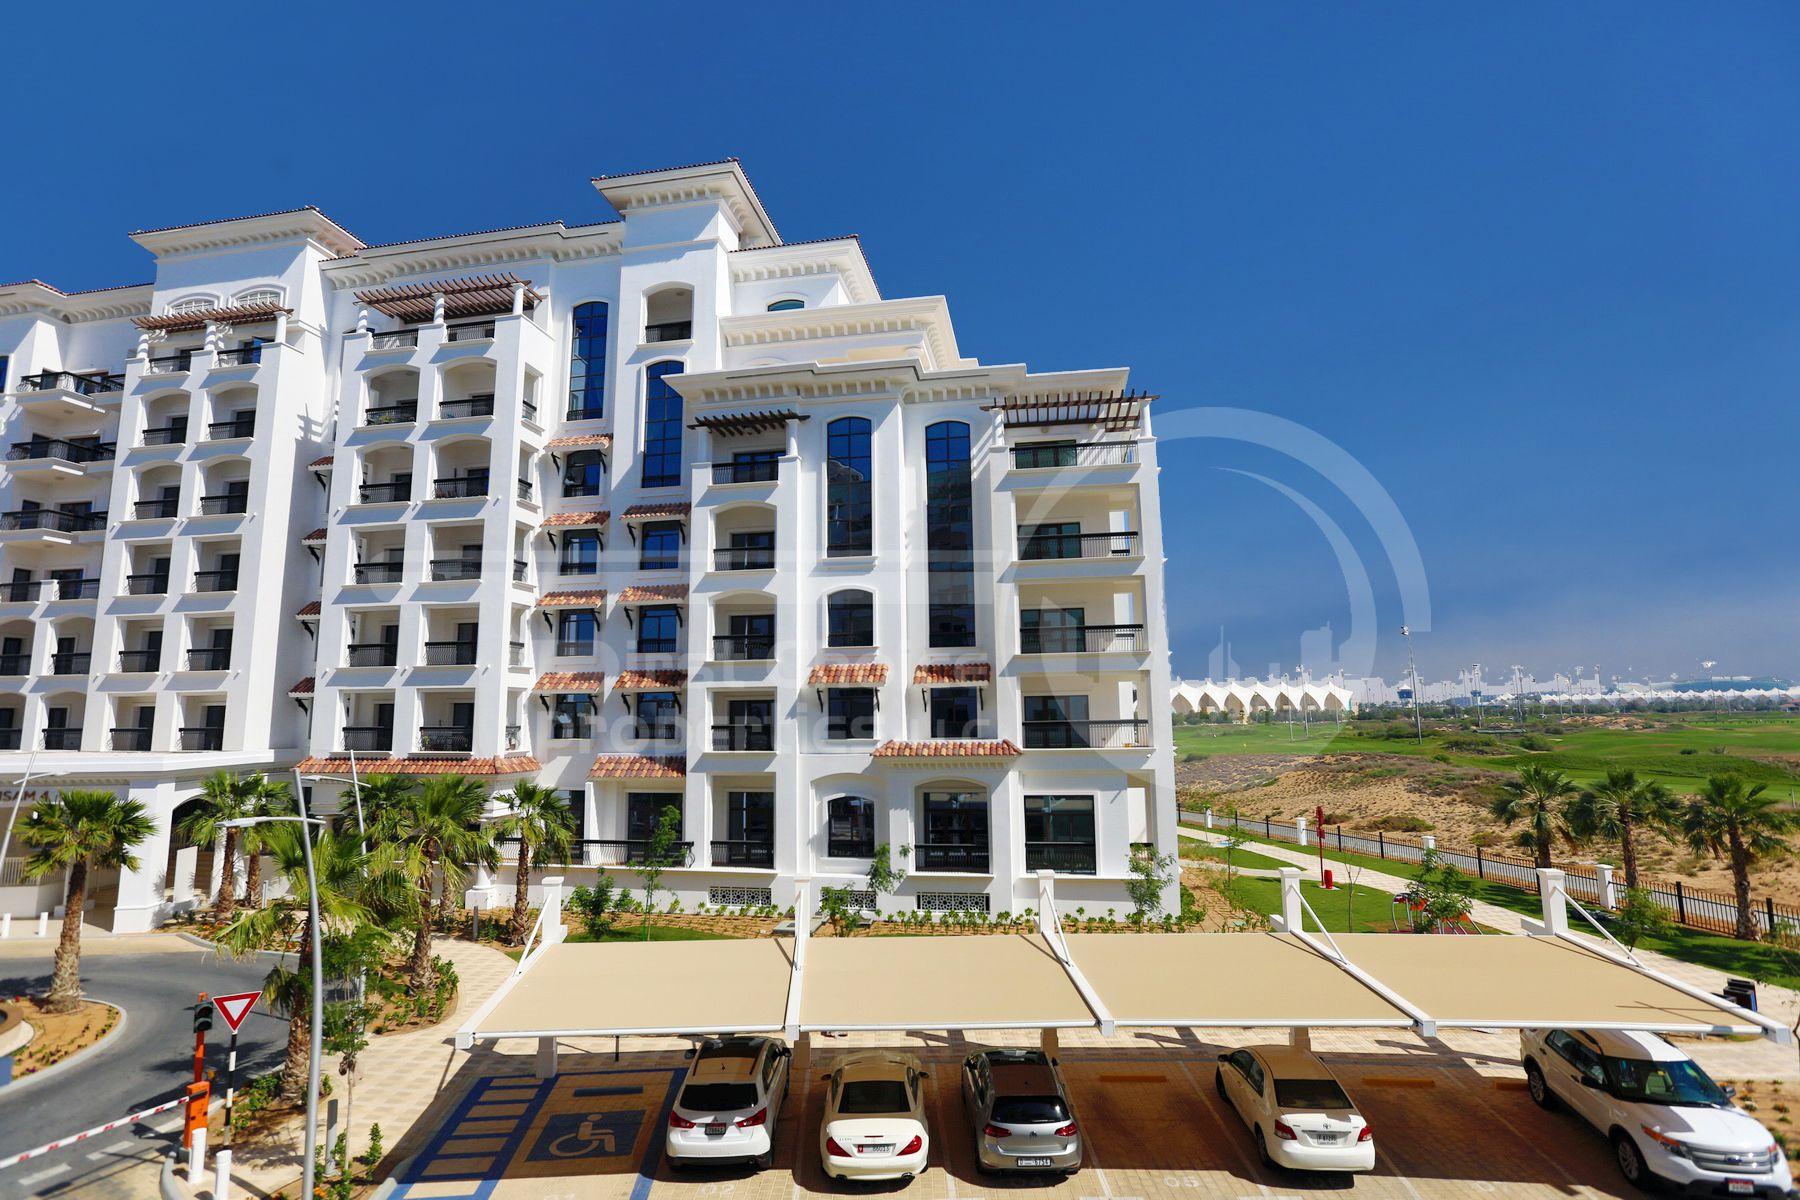 Studio - 1BR - 2BR - 3BR Apartment - UAE - Abu Dhabi - Yas Island - Ansam (22).jpg